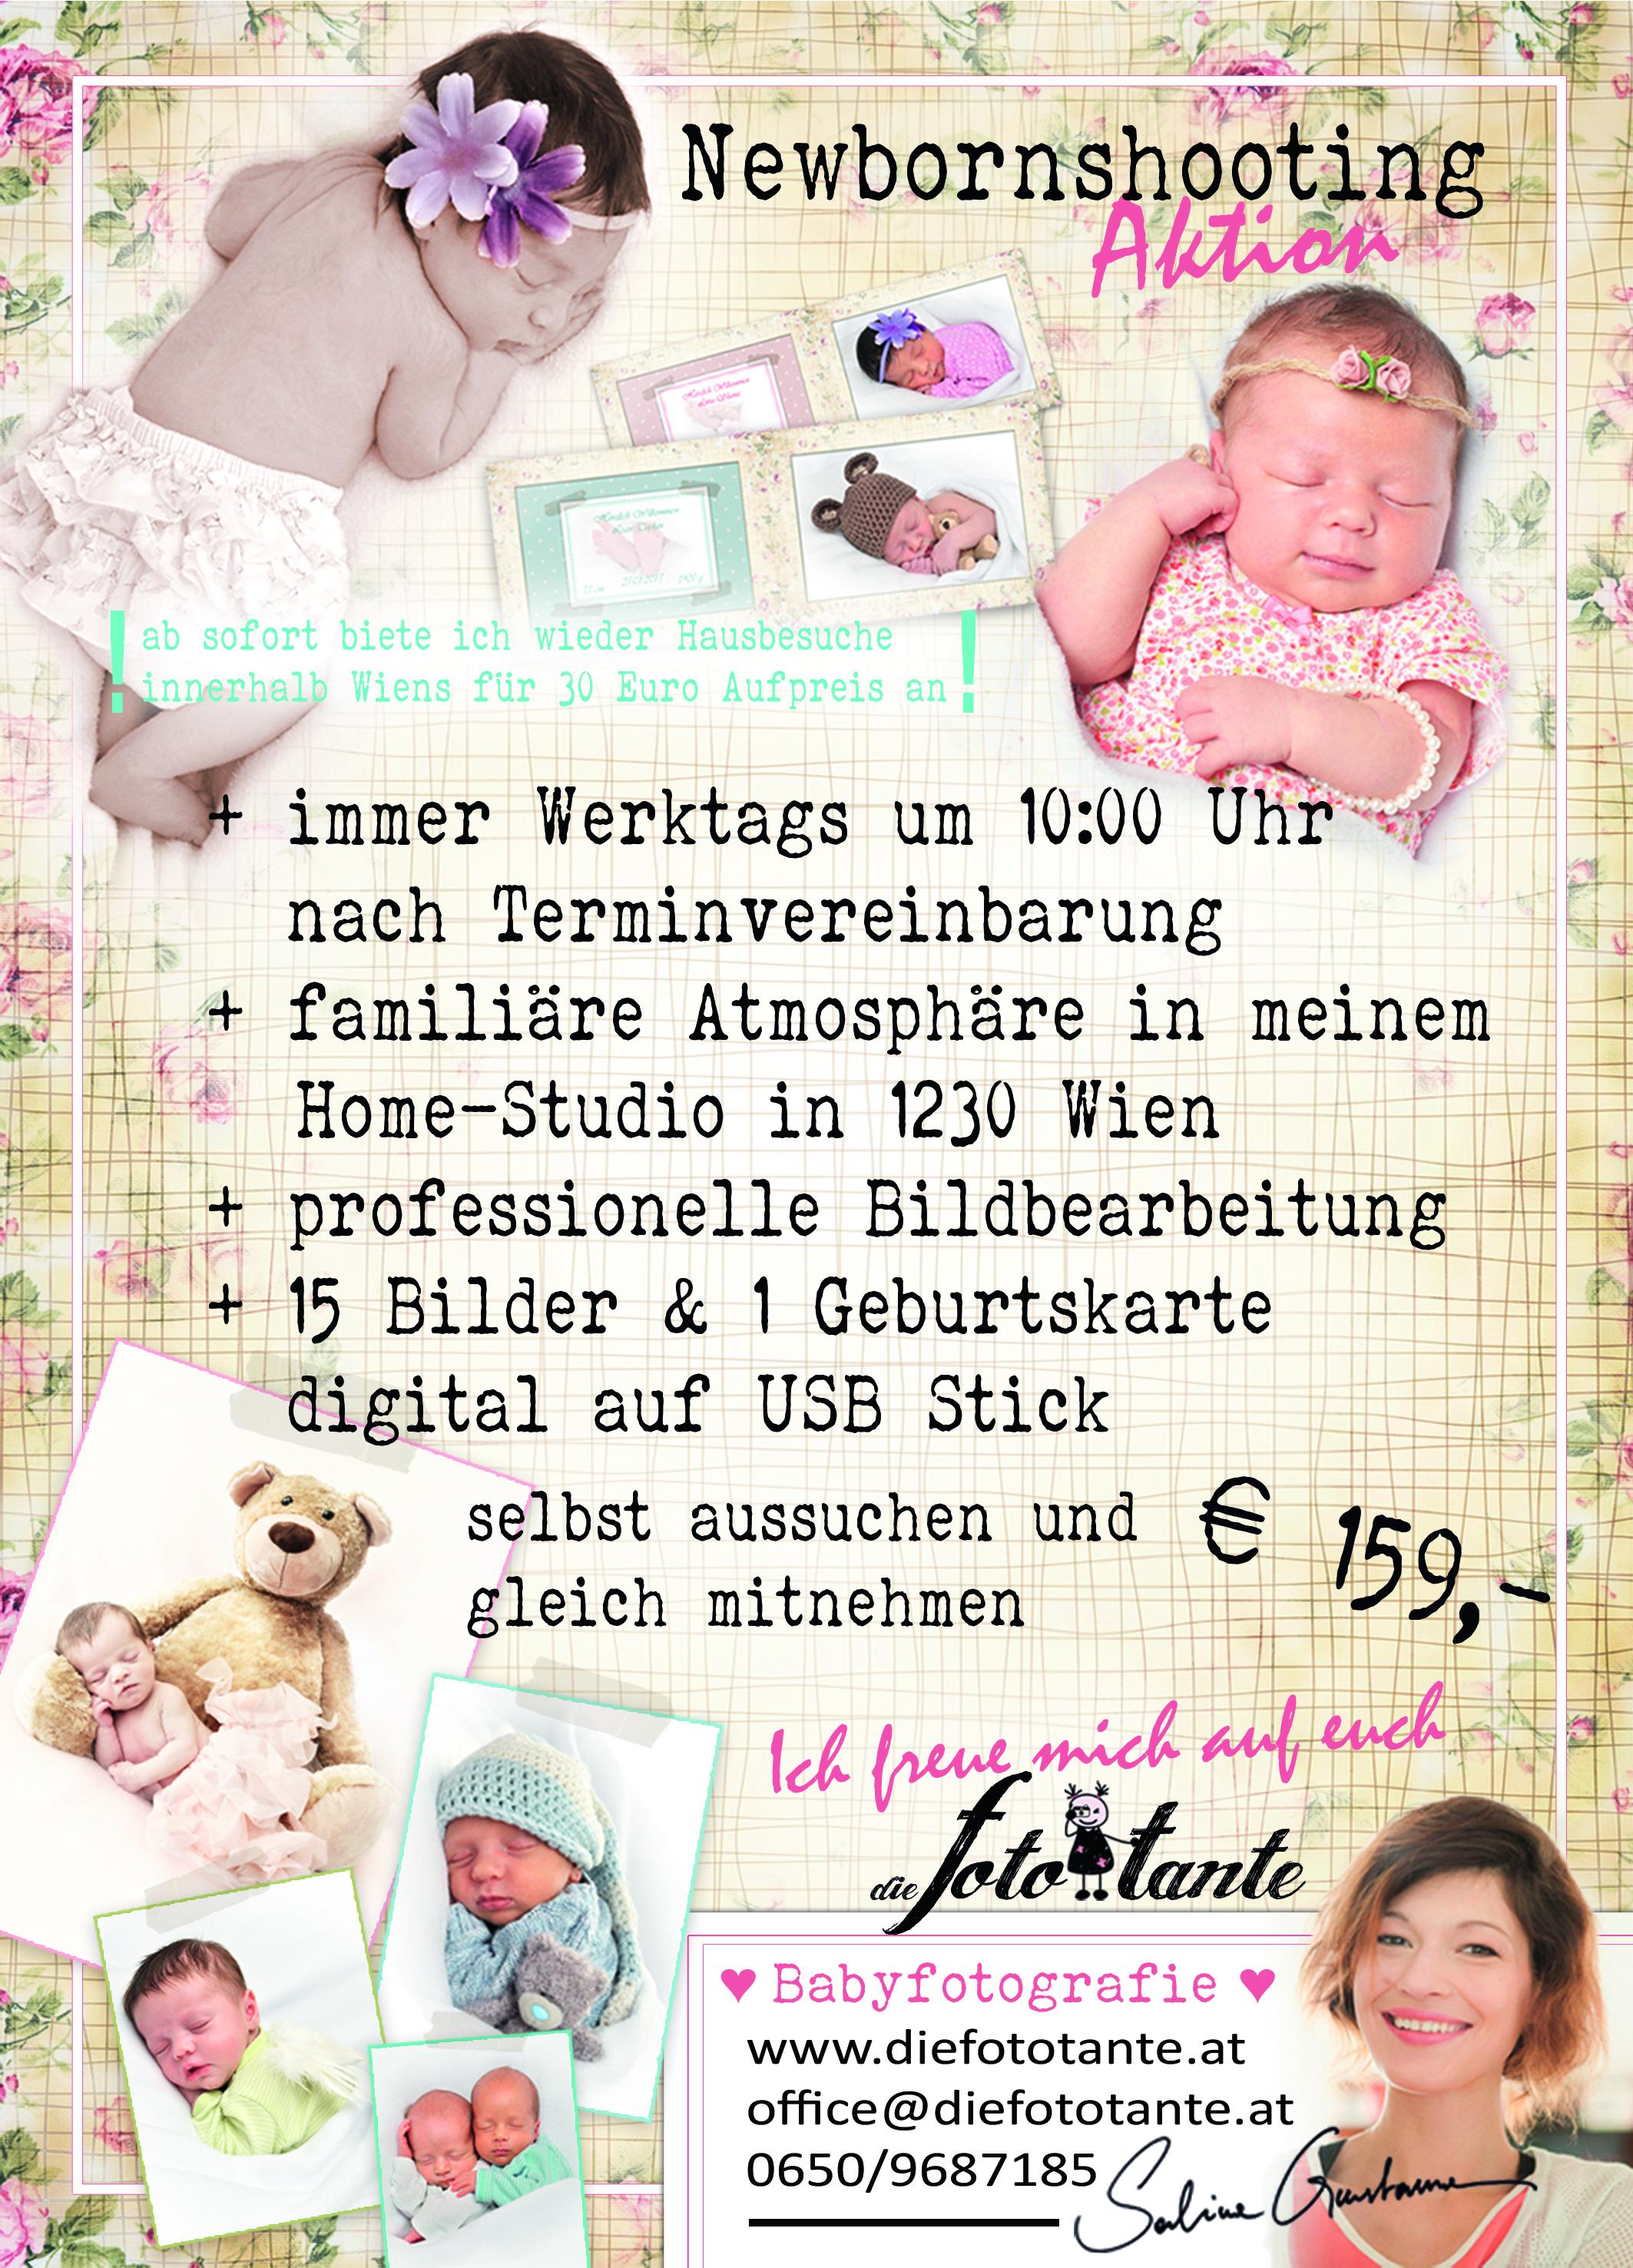 Babyfotos_Wien_dieFototante